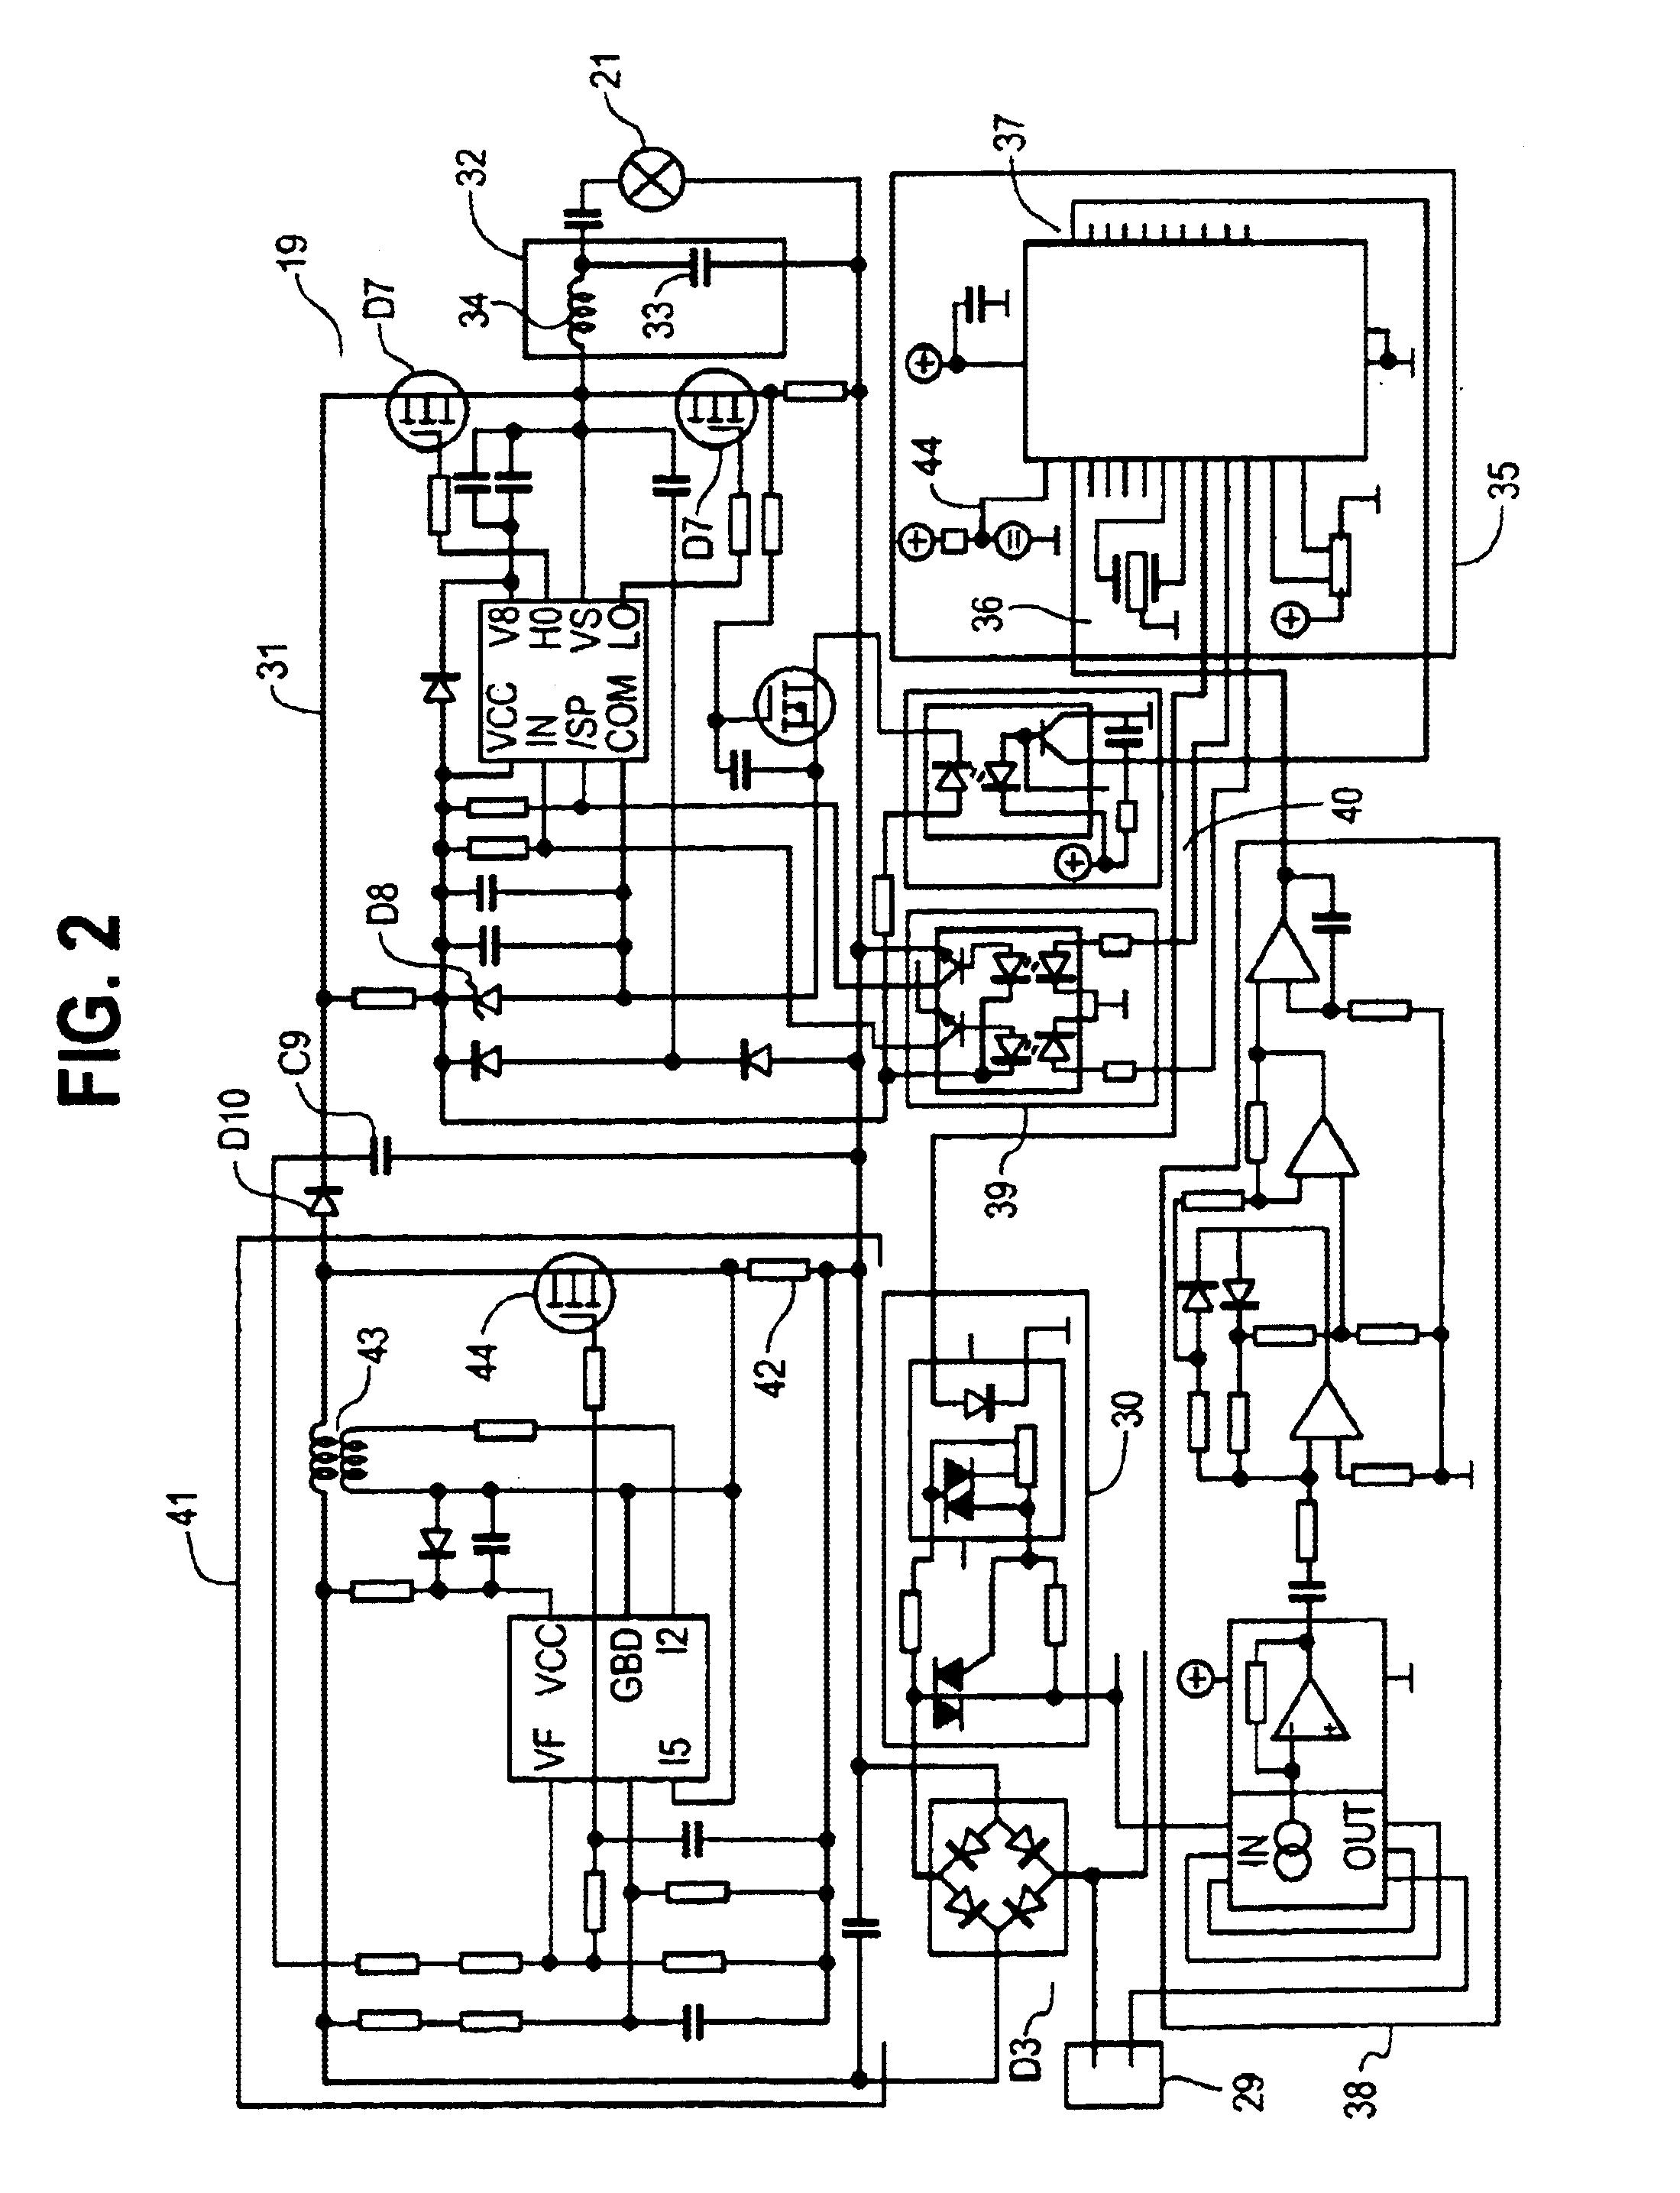 Gf 5194 Chevy Nova Wiring Diagram Moreover Chevrolet Corvette Wiring Diagram Wiring Diagram